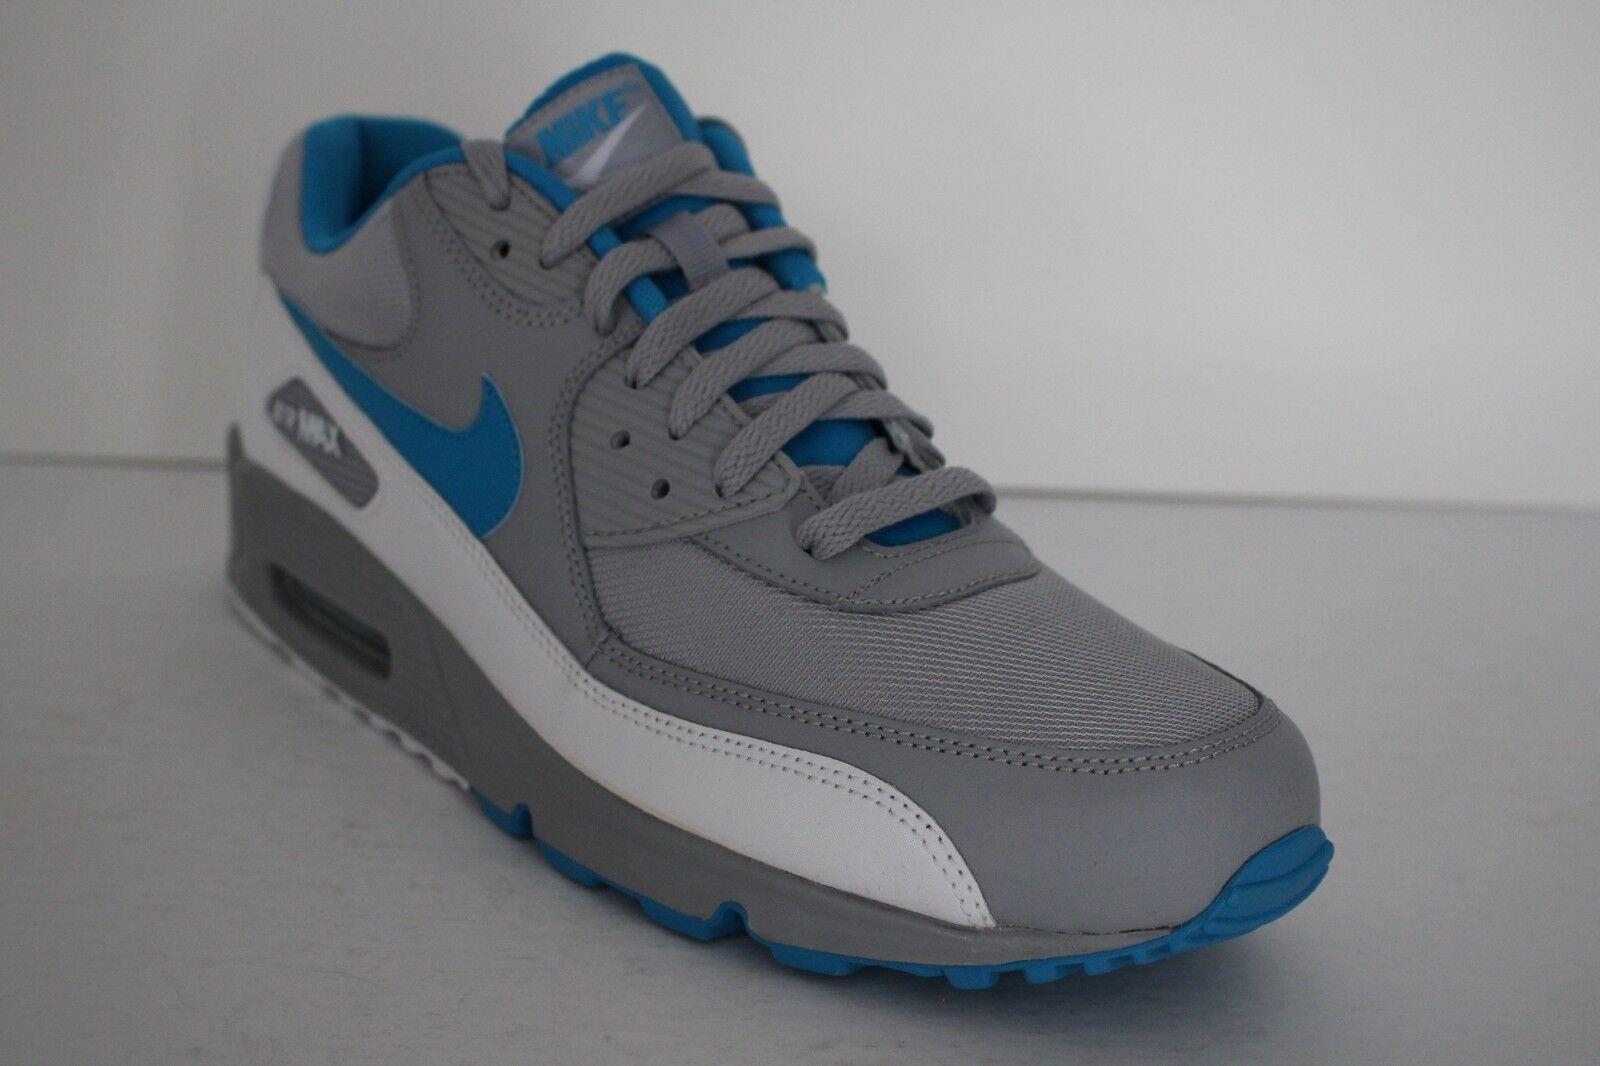 Nike air max max max 90 retro - mens sz 12 laufschuhe, grau -, blau - weiße lässig 325018 096 c14528